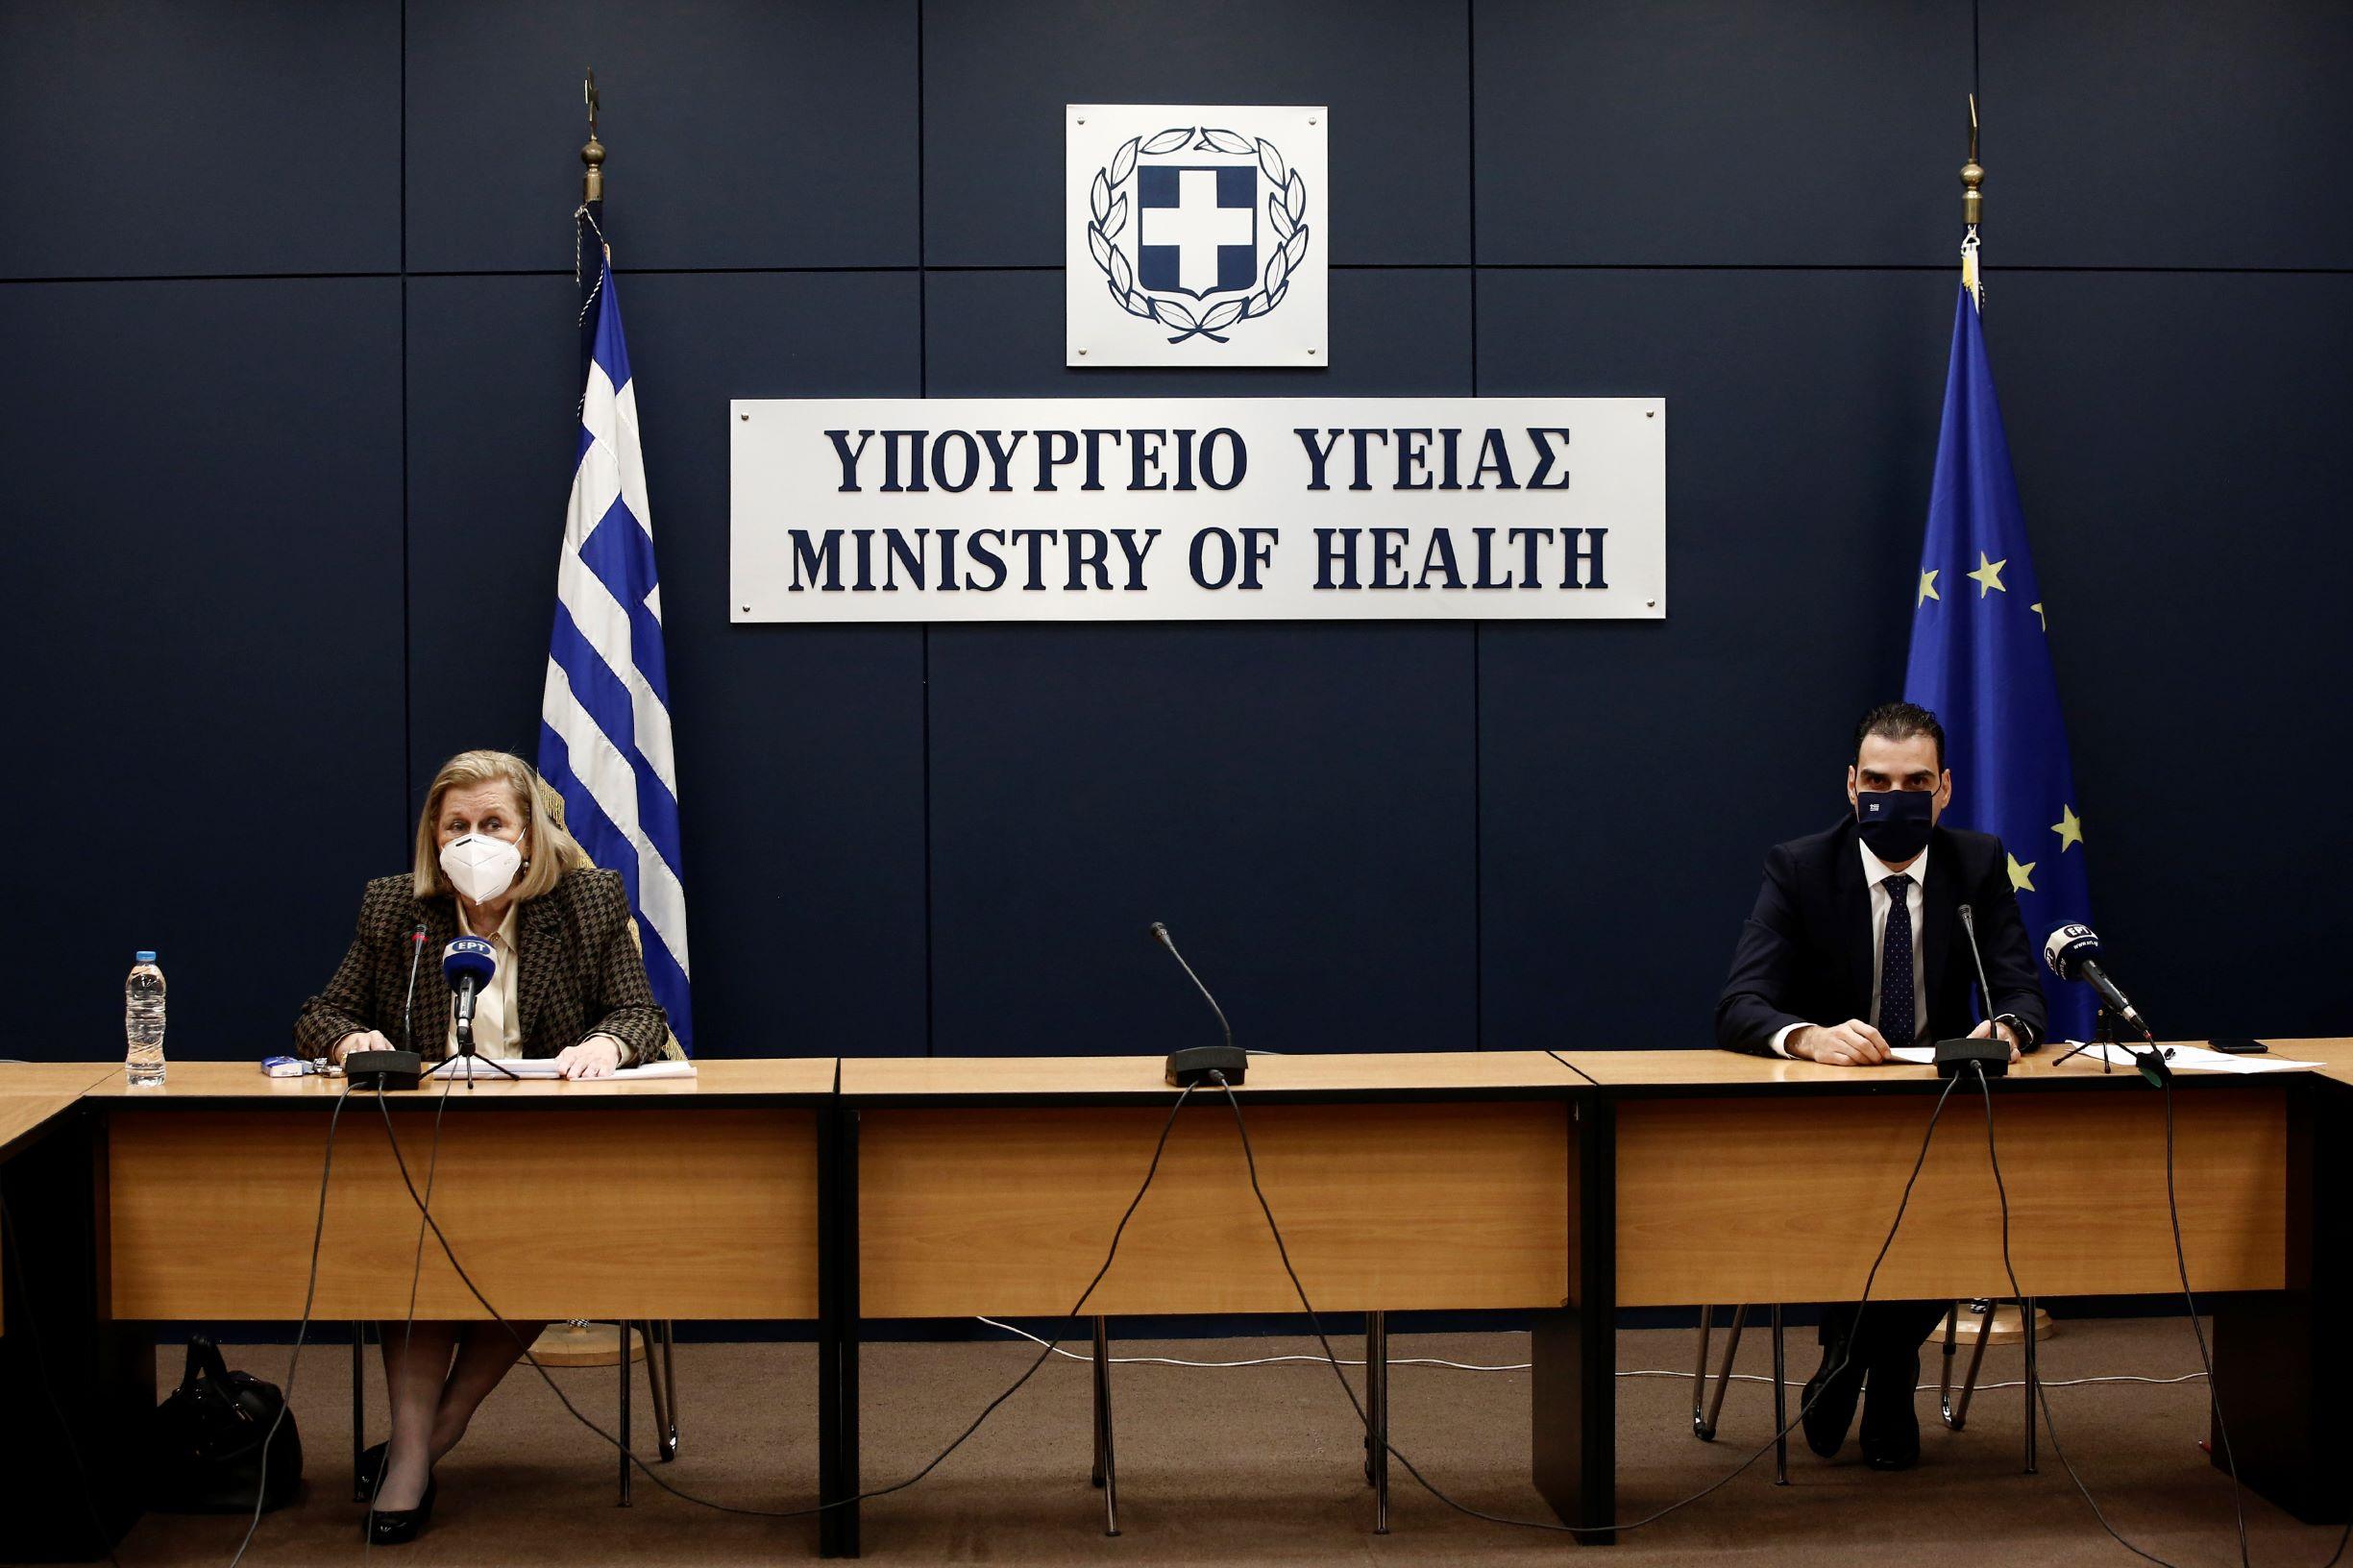 Θεοδωρίδου: «Ρεζερβουάρ» νέων μεταλλάξεων αποτελούν τα παιδιά – Πρέπει να εμβολιαστούν